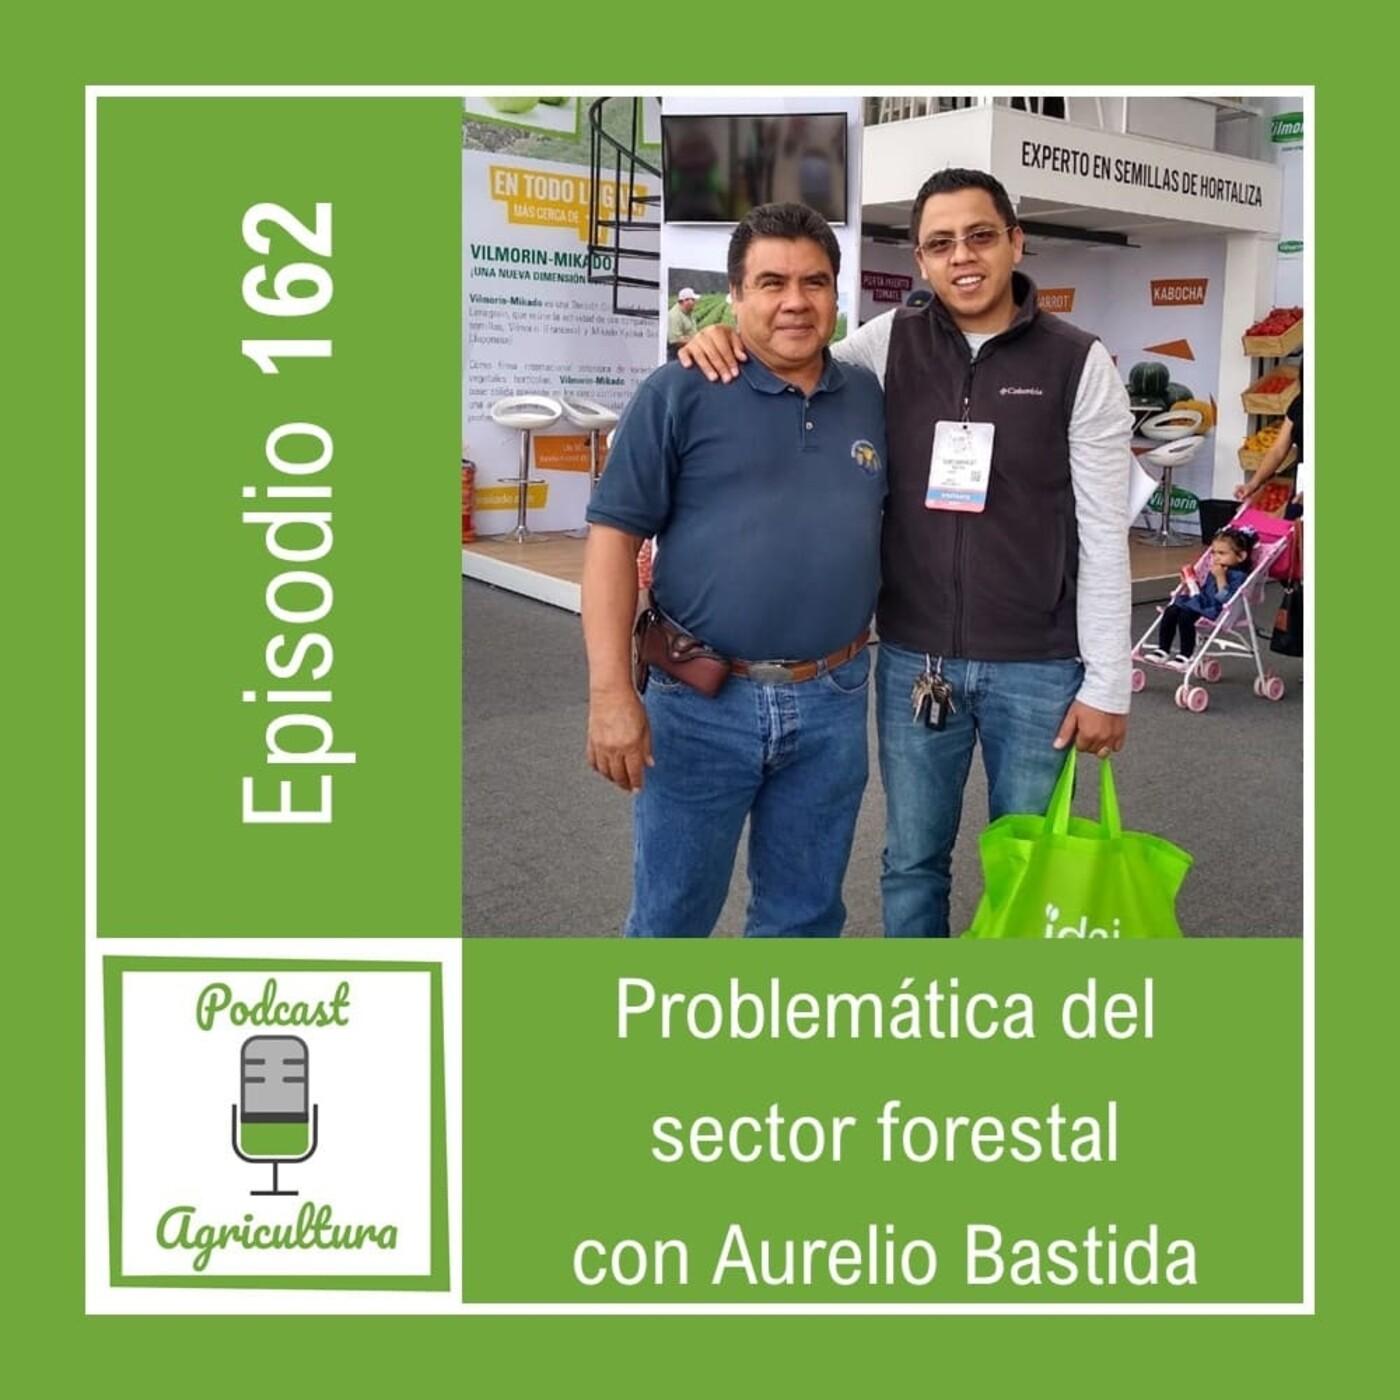 162 Problemática del sector forestal con Aurelio Bastida